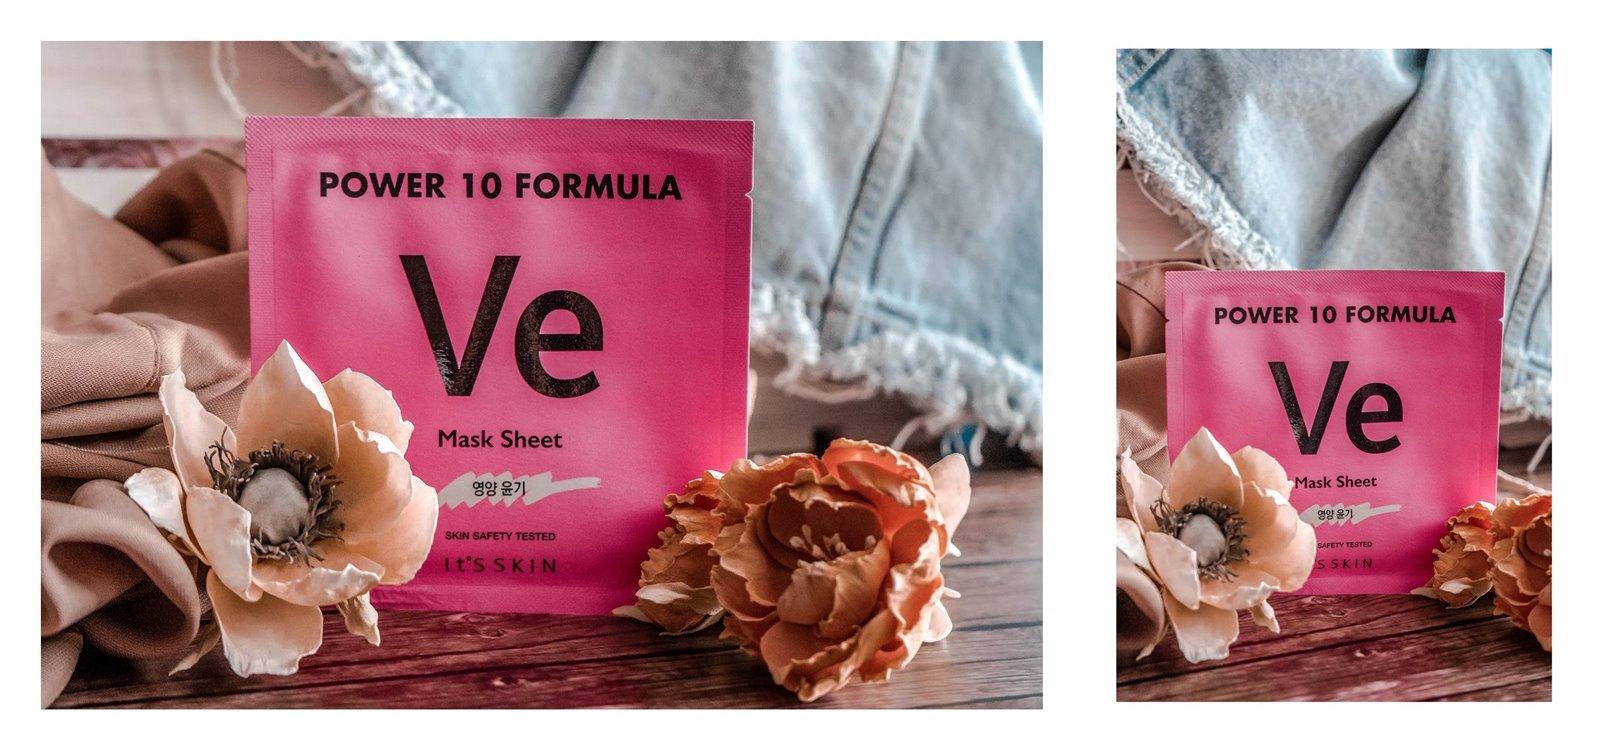 Koreańskie kosmetyki godne polecenia - recenzje, opinie, wrażenia, produkty marki It's skin - Beautikon, sklep z koreańskimi produktami. Jak wygląda pielęgnacja koreańska, ceny, gdzie kupić.